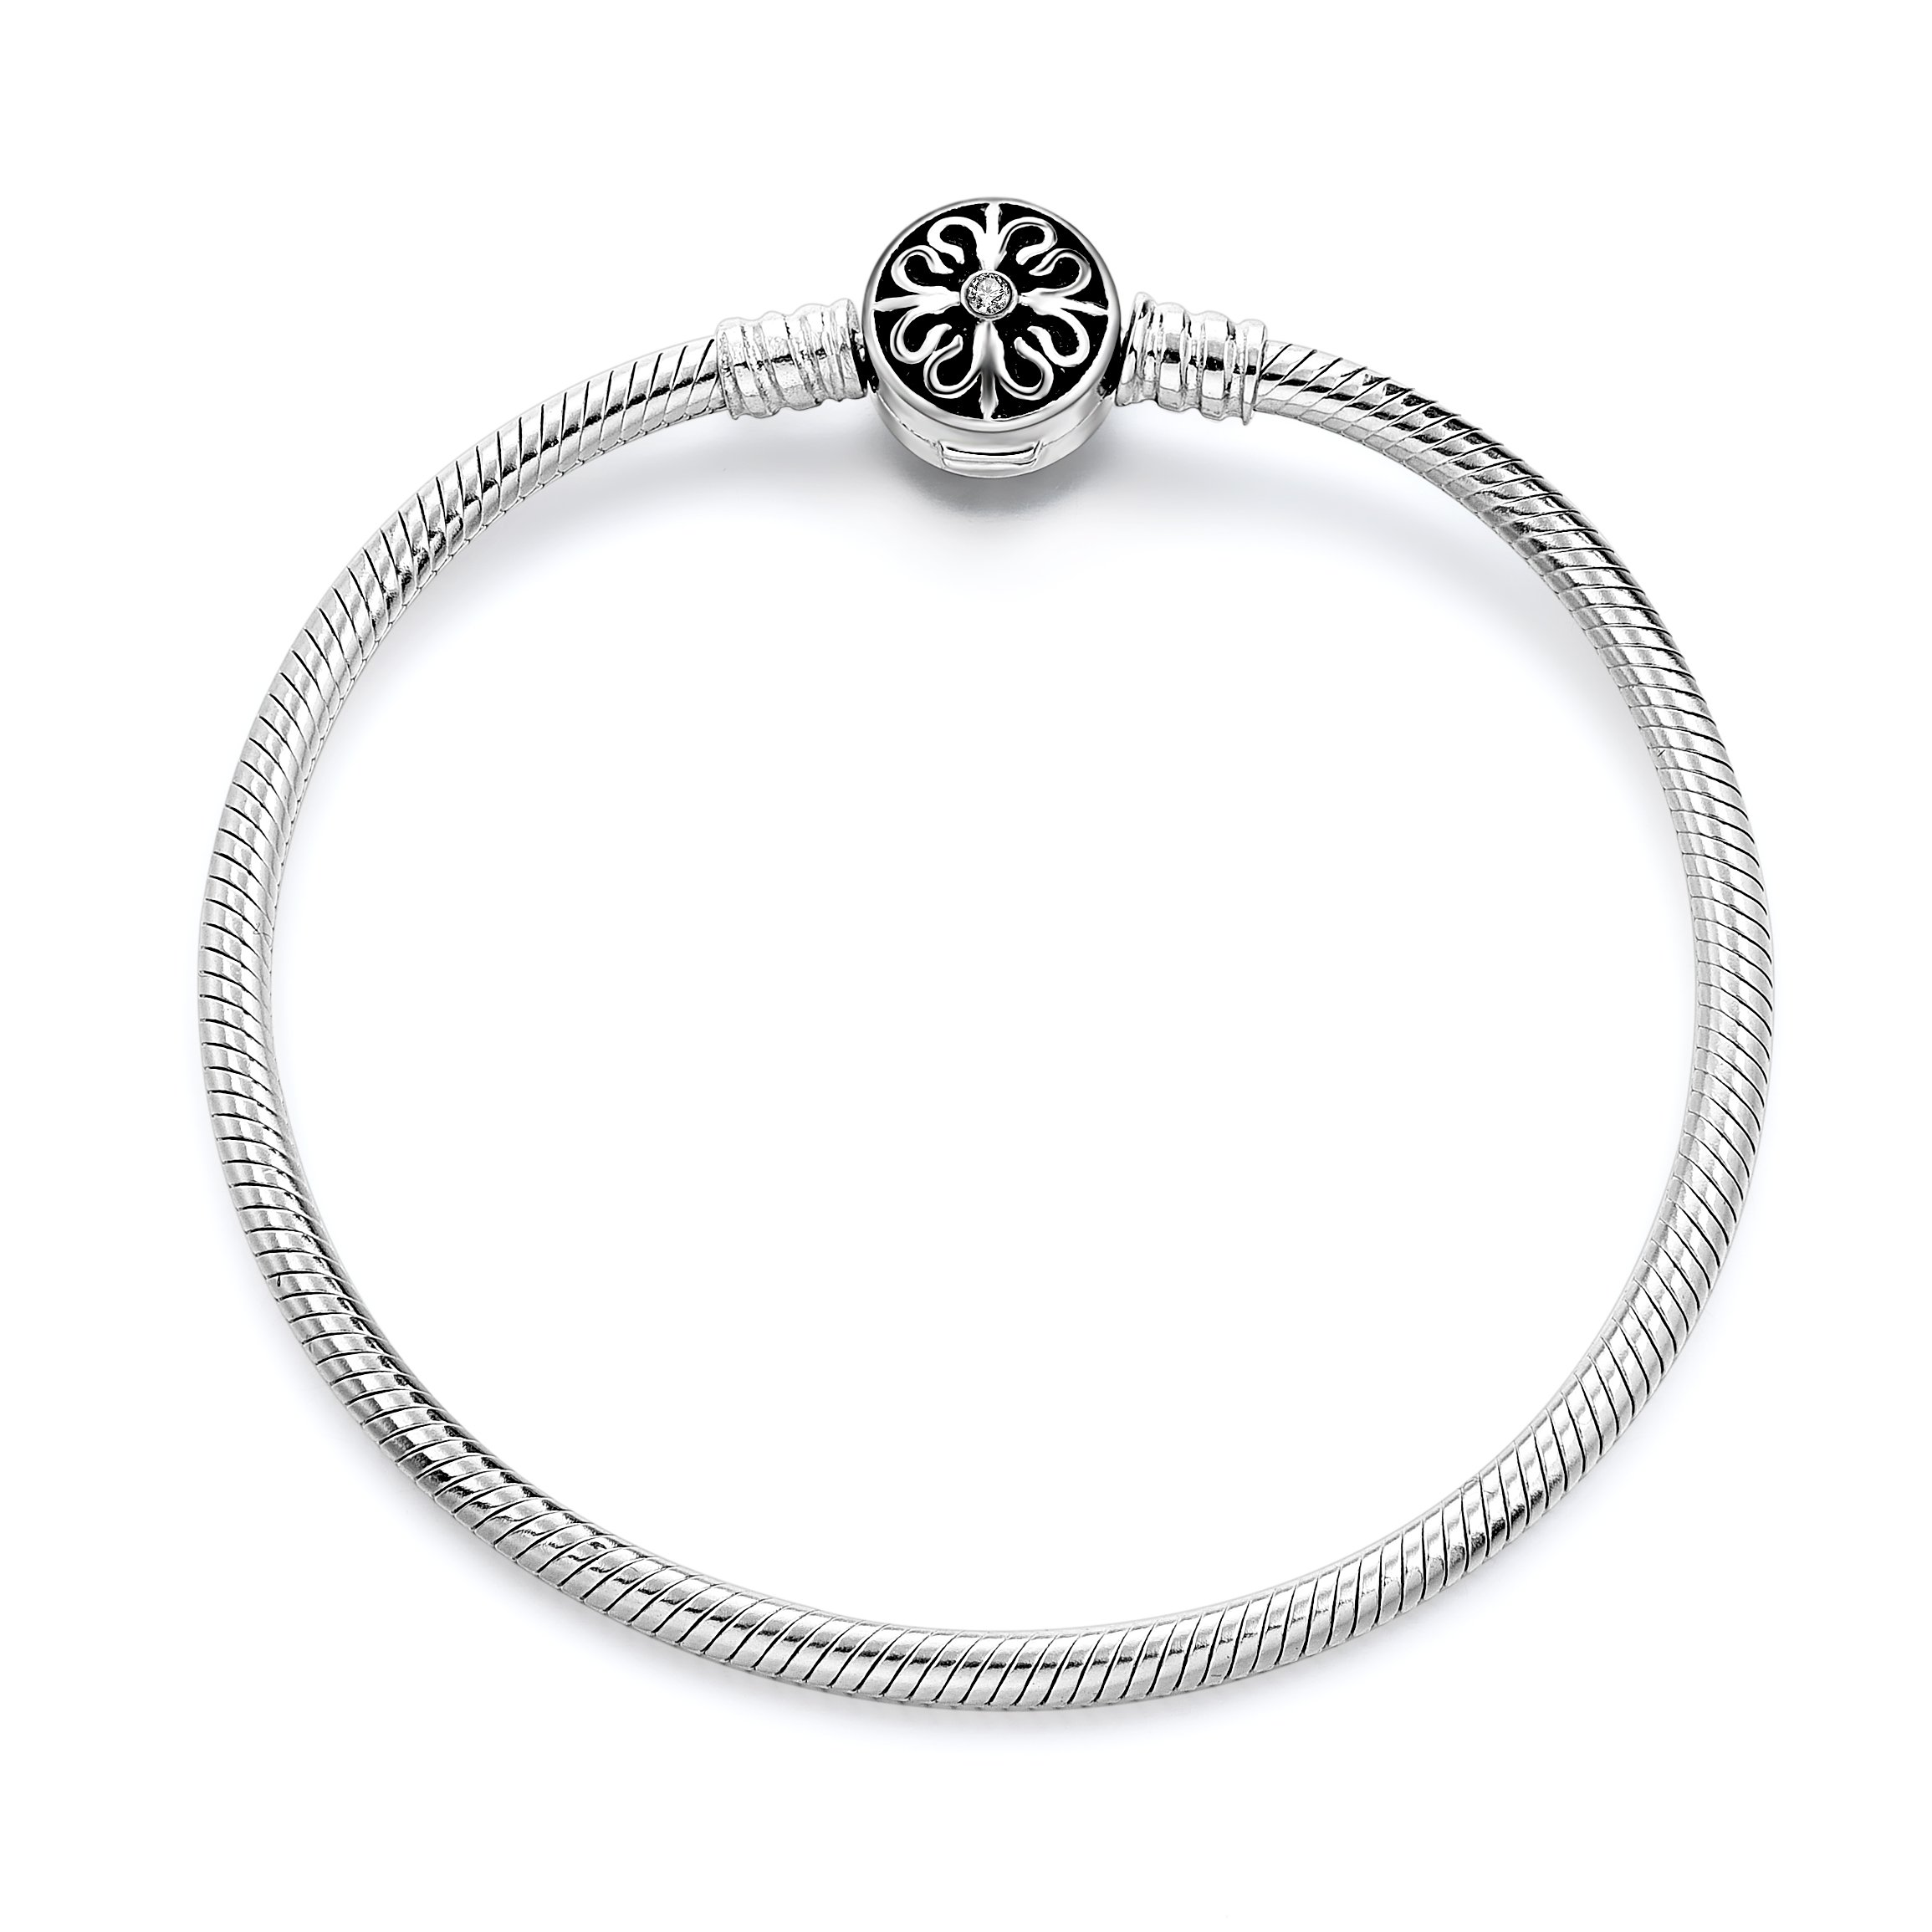 Long Way 925 Sterling Silver Snake Chain Bracelet Basic Charm Bracelets for Teen Girls Women